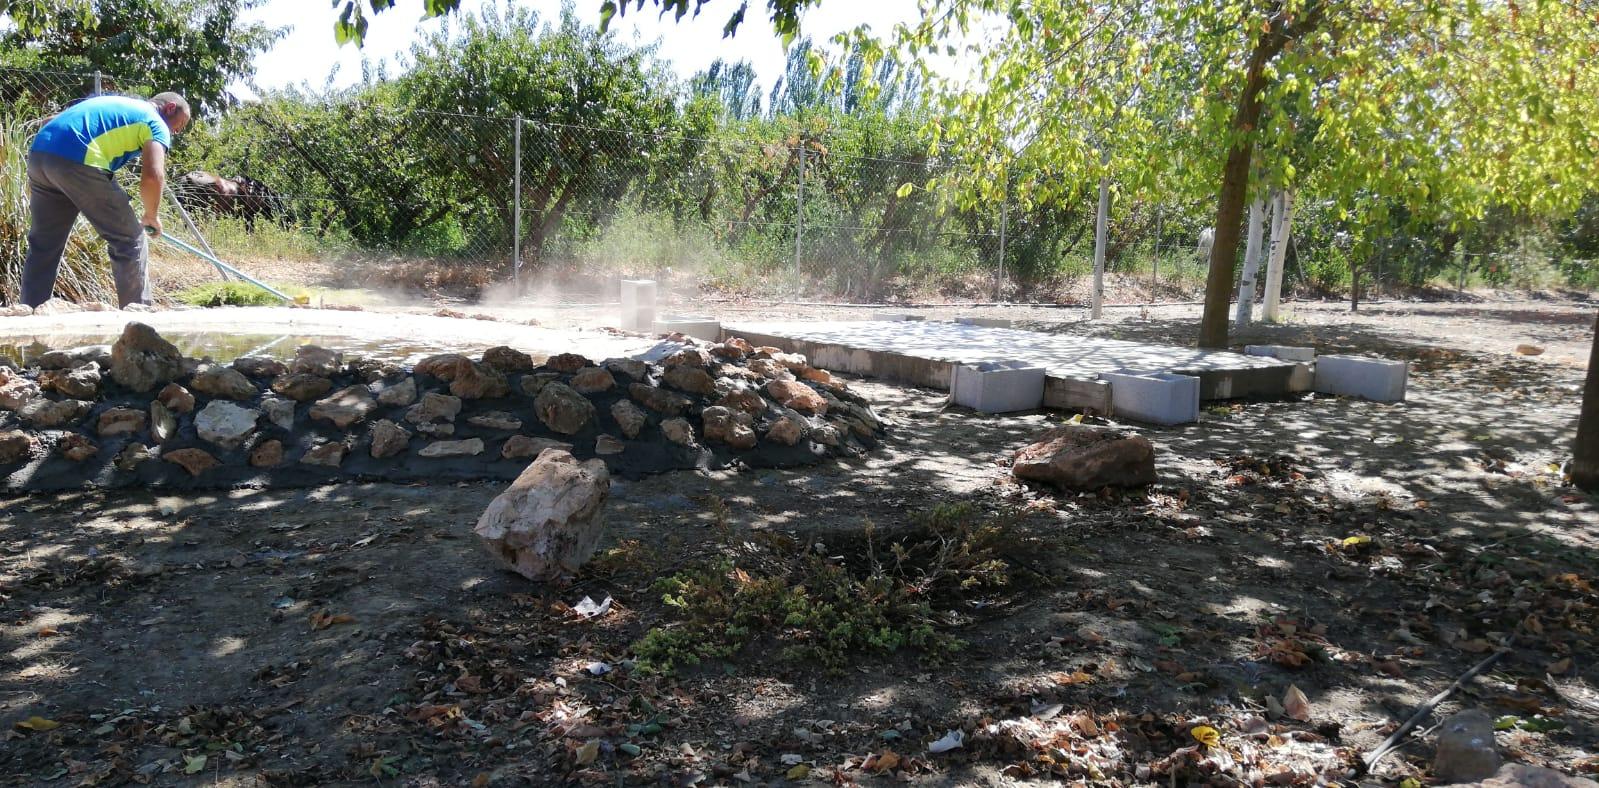 Cimentacion hide de Cuevas La Granja